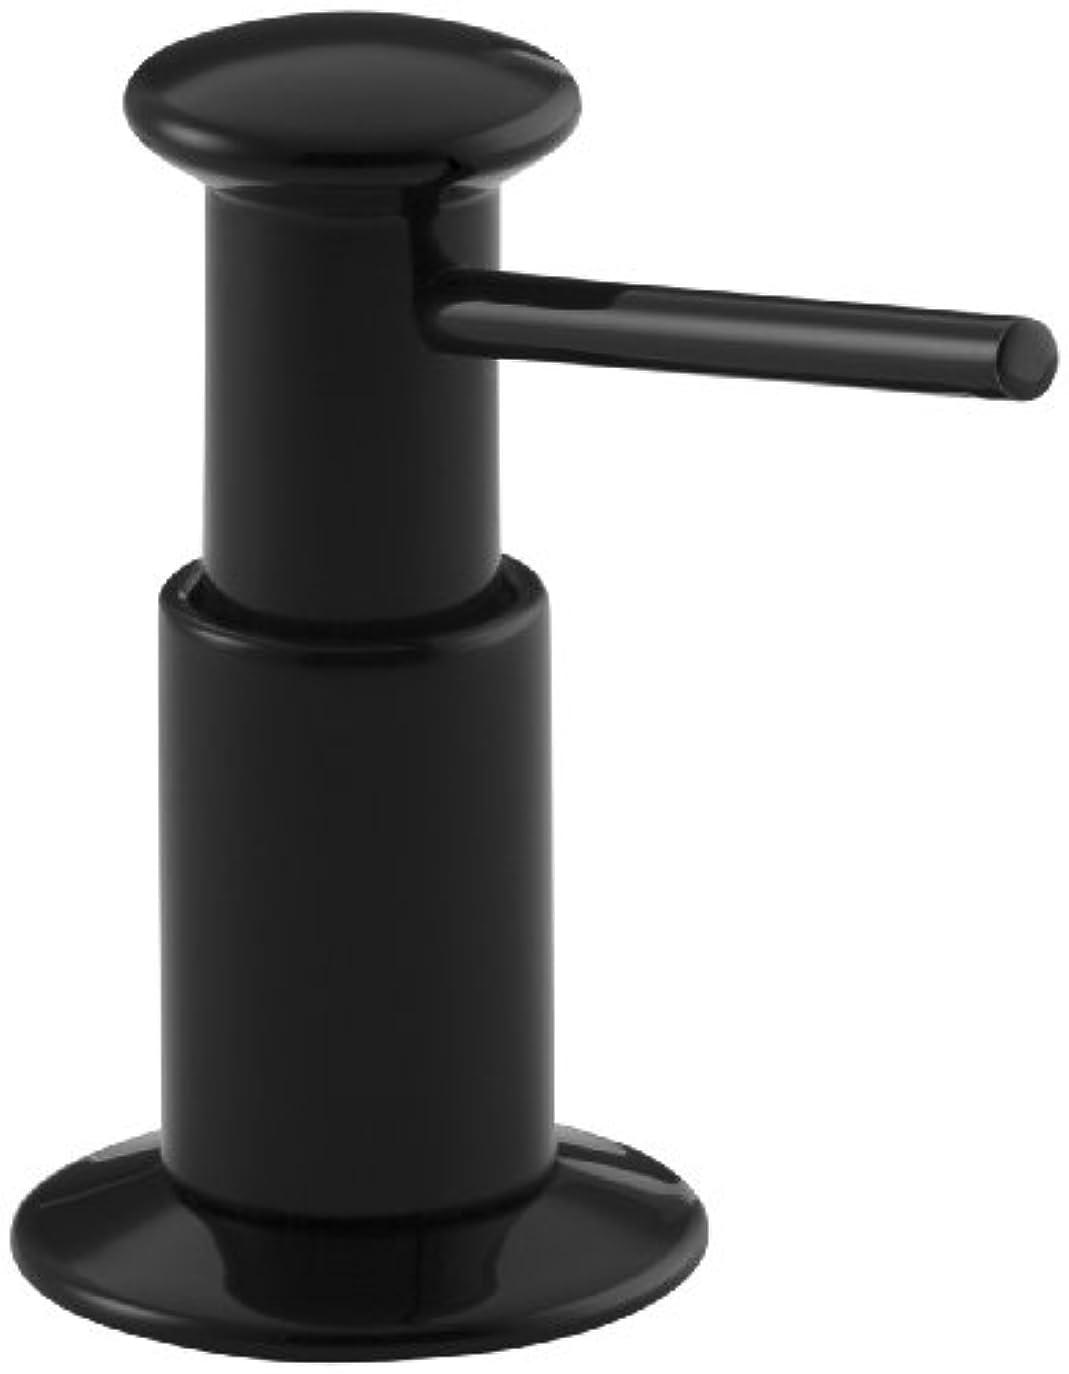 取り除く幻滅するクライマックスKohler石鹸/ローションディスペンサー K-9619-7 1